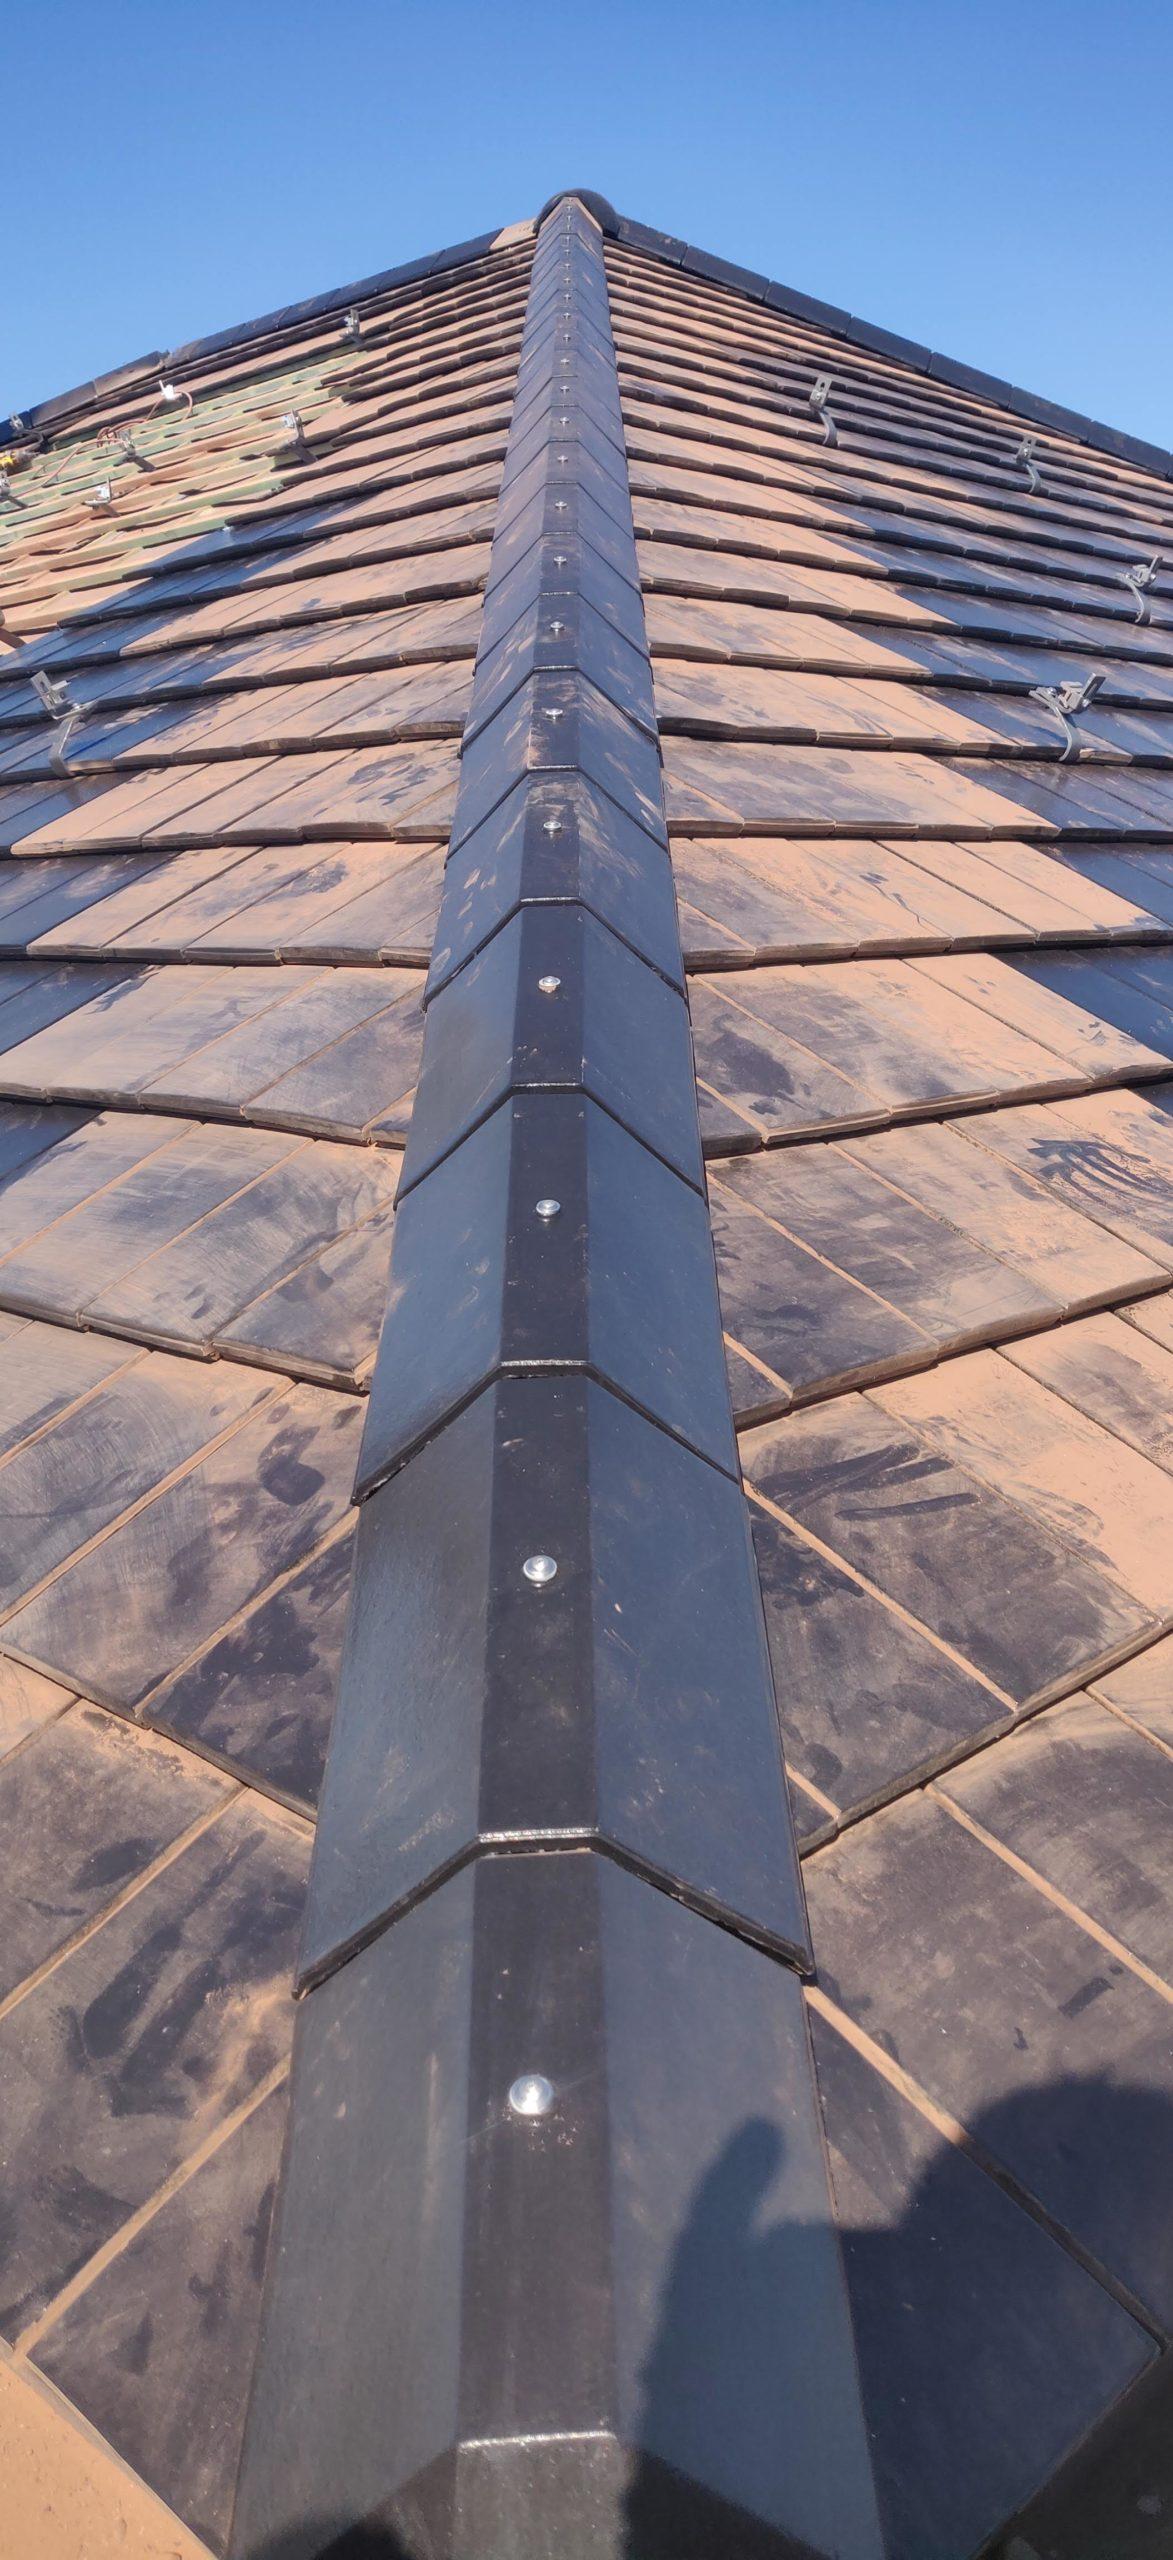 Nieuwbouw te Meerbeke gallery image 4